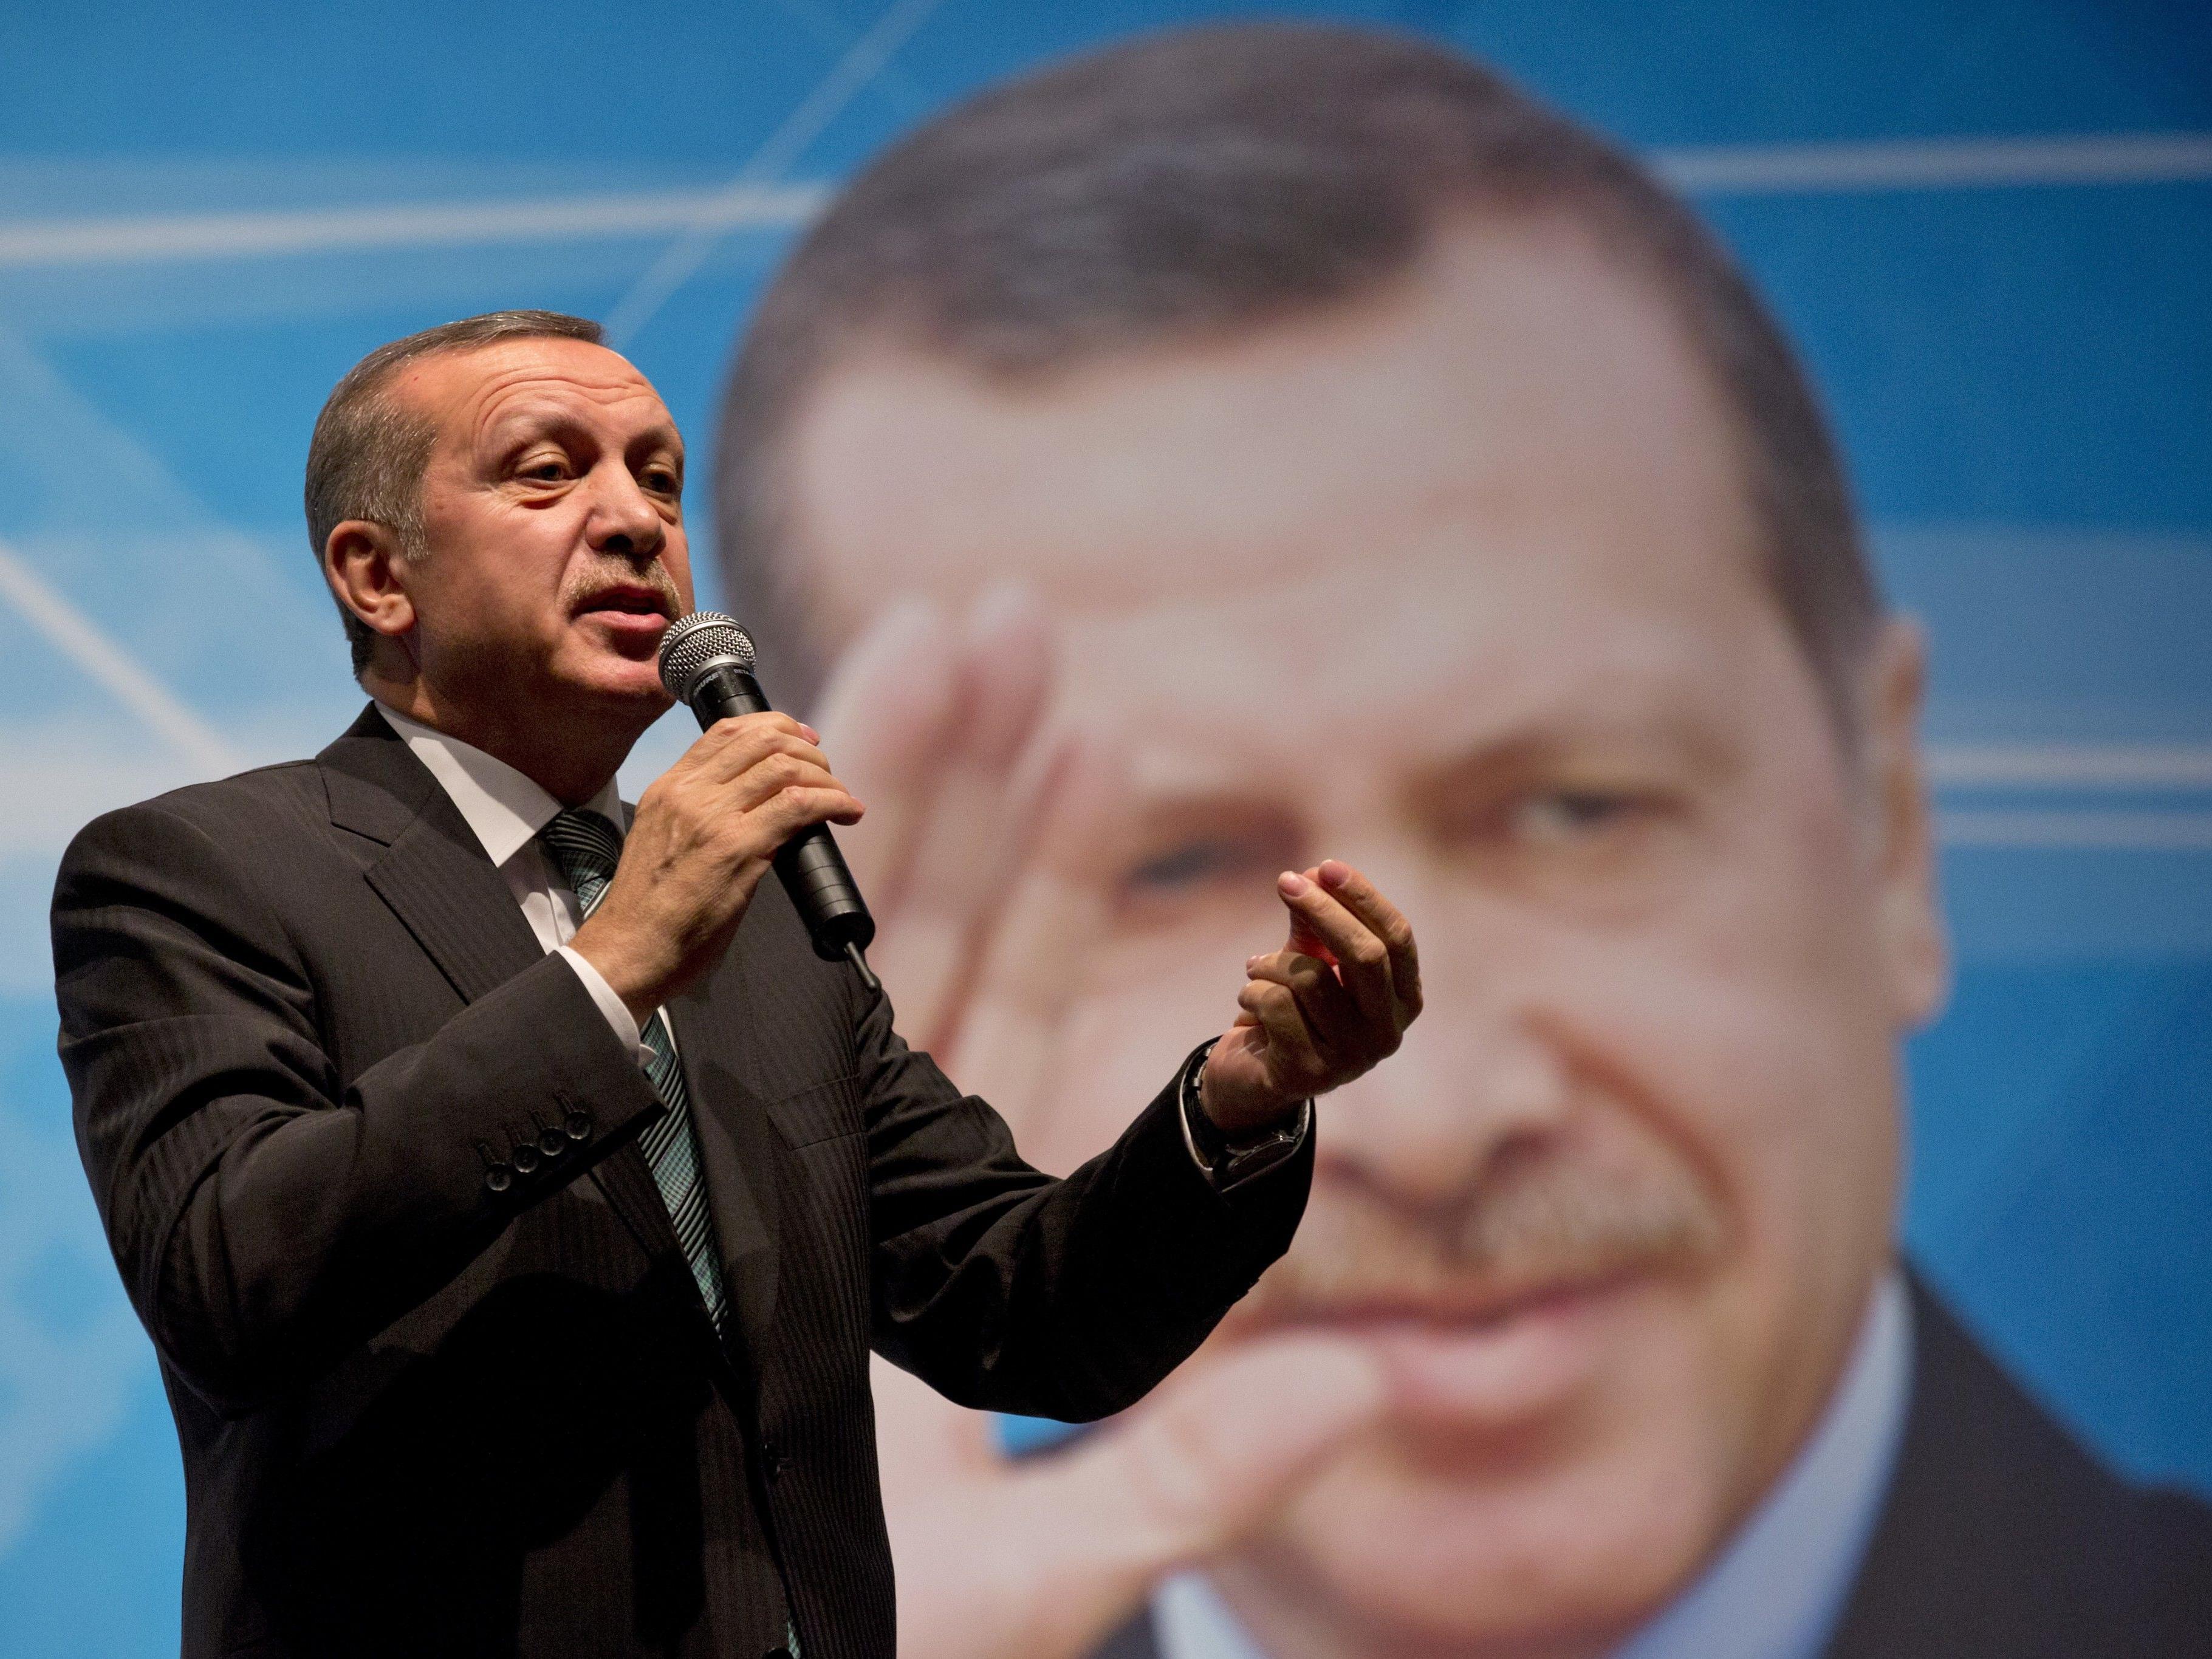 Der türkische Präsident Erdogan konnte durch das Referendum seine Macht ausbauen.